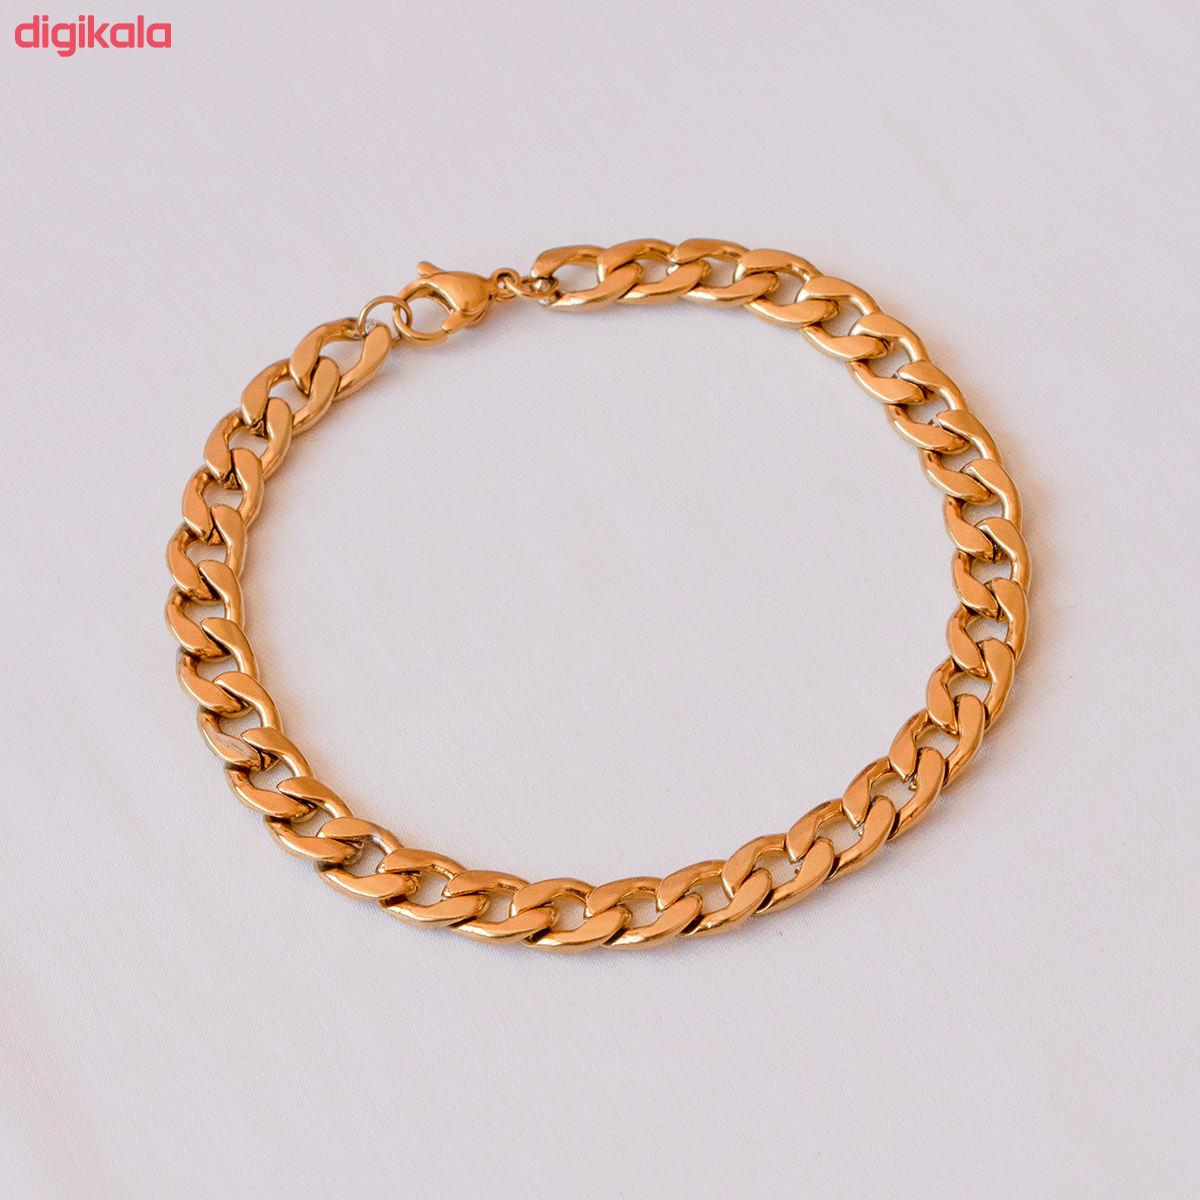 دستبند کد dd145 main 1 1